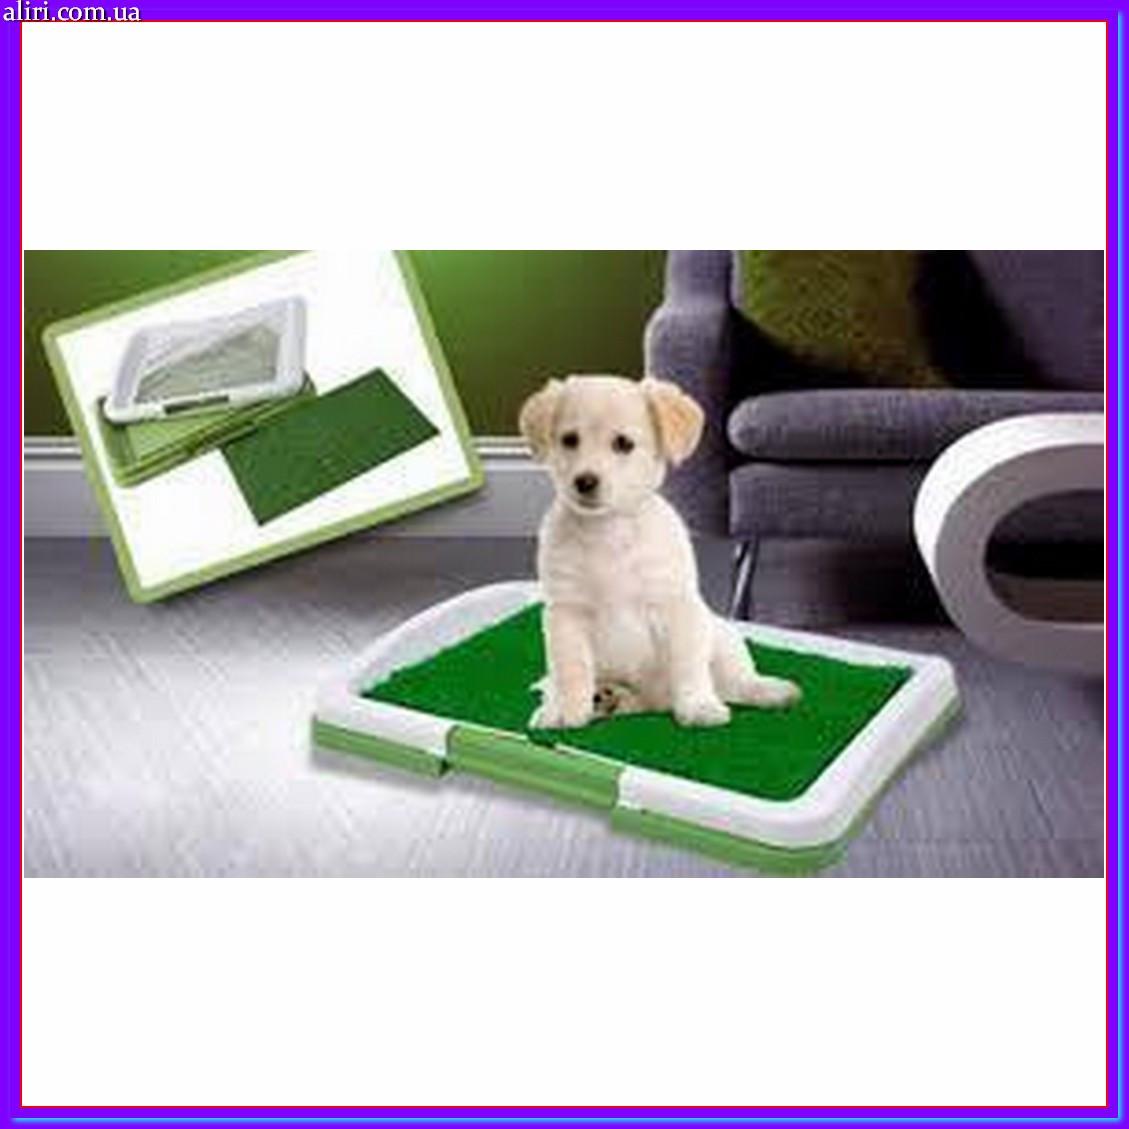 Туалет для собак Pad For Dog